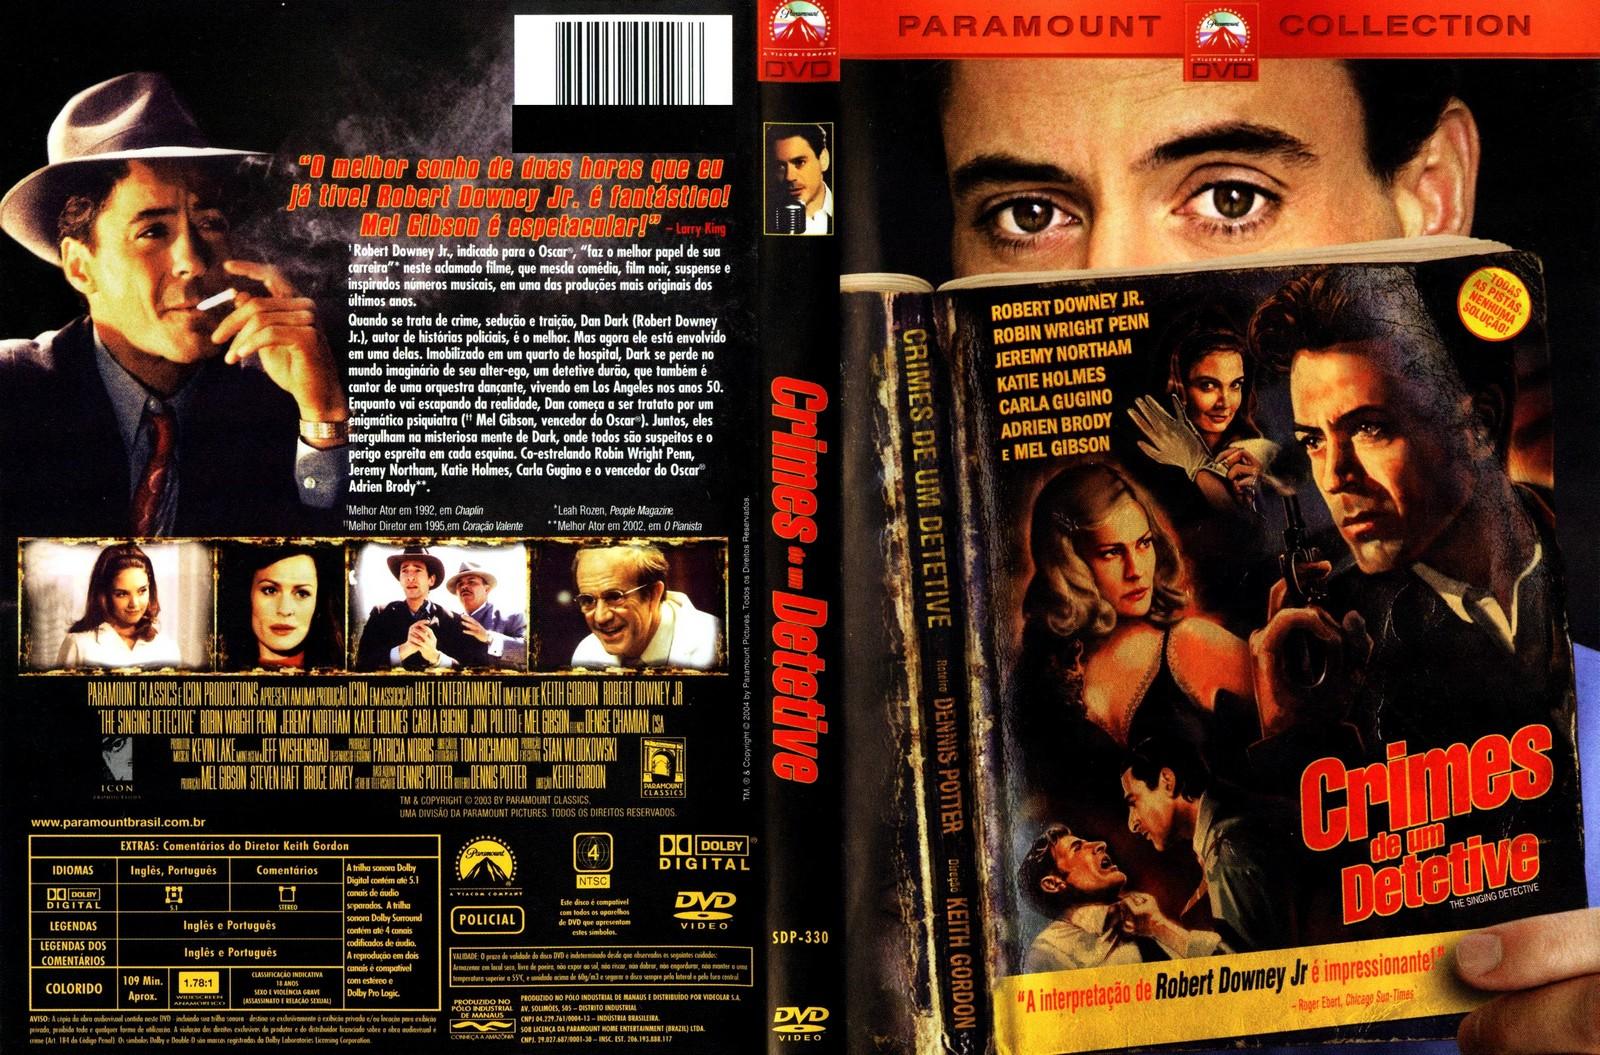 http://2.bp.blogspot.com/-oHV175EaLCA/TfdlUqAysNI/AAAAAAAAAus/YWSiGTtwBRk/s1600/Crimes-De-Um-Detetive.jpg